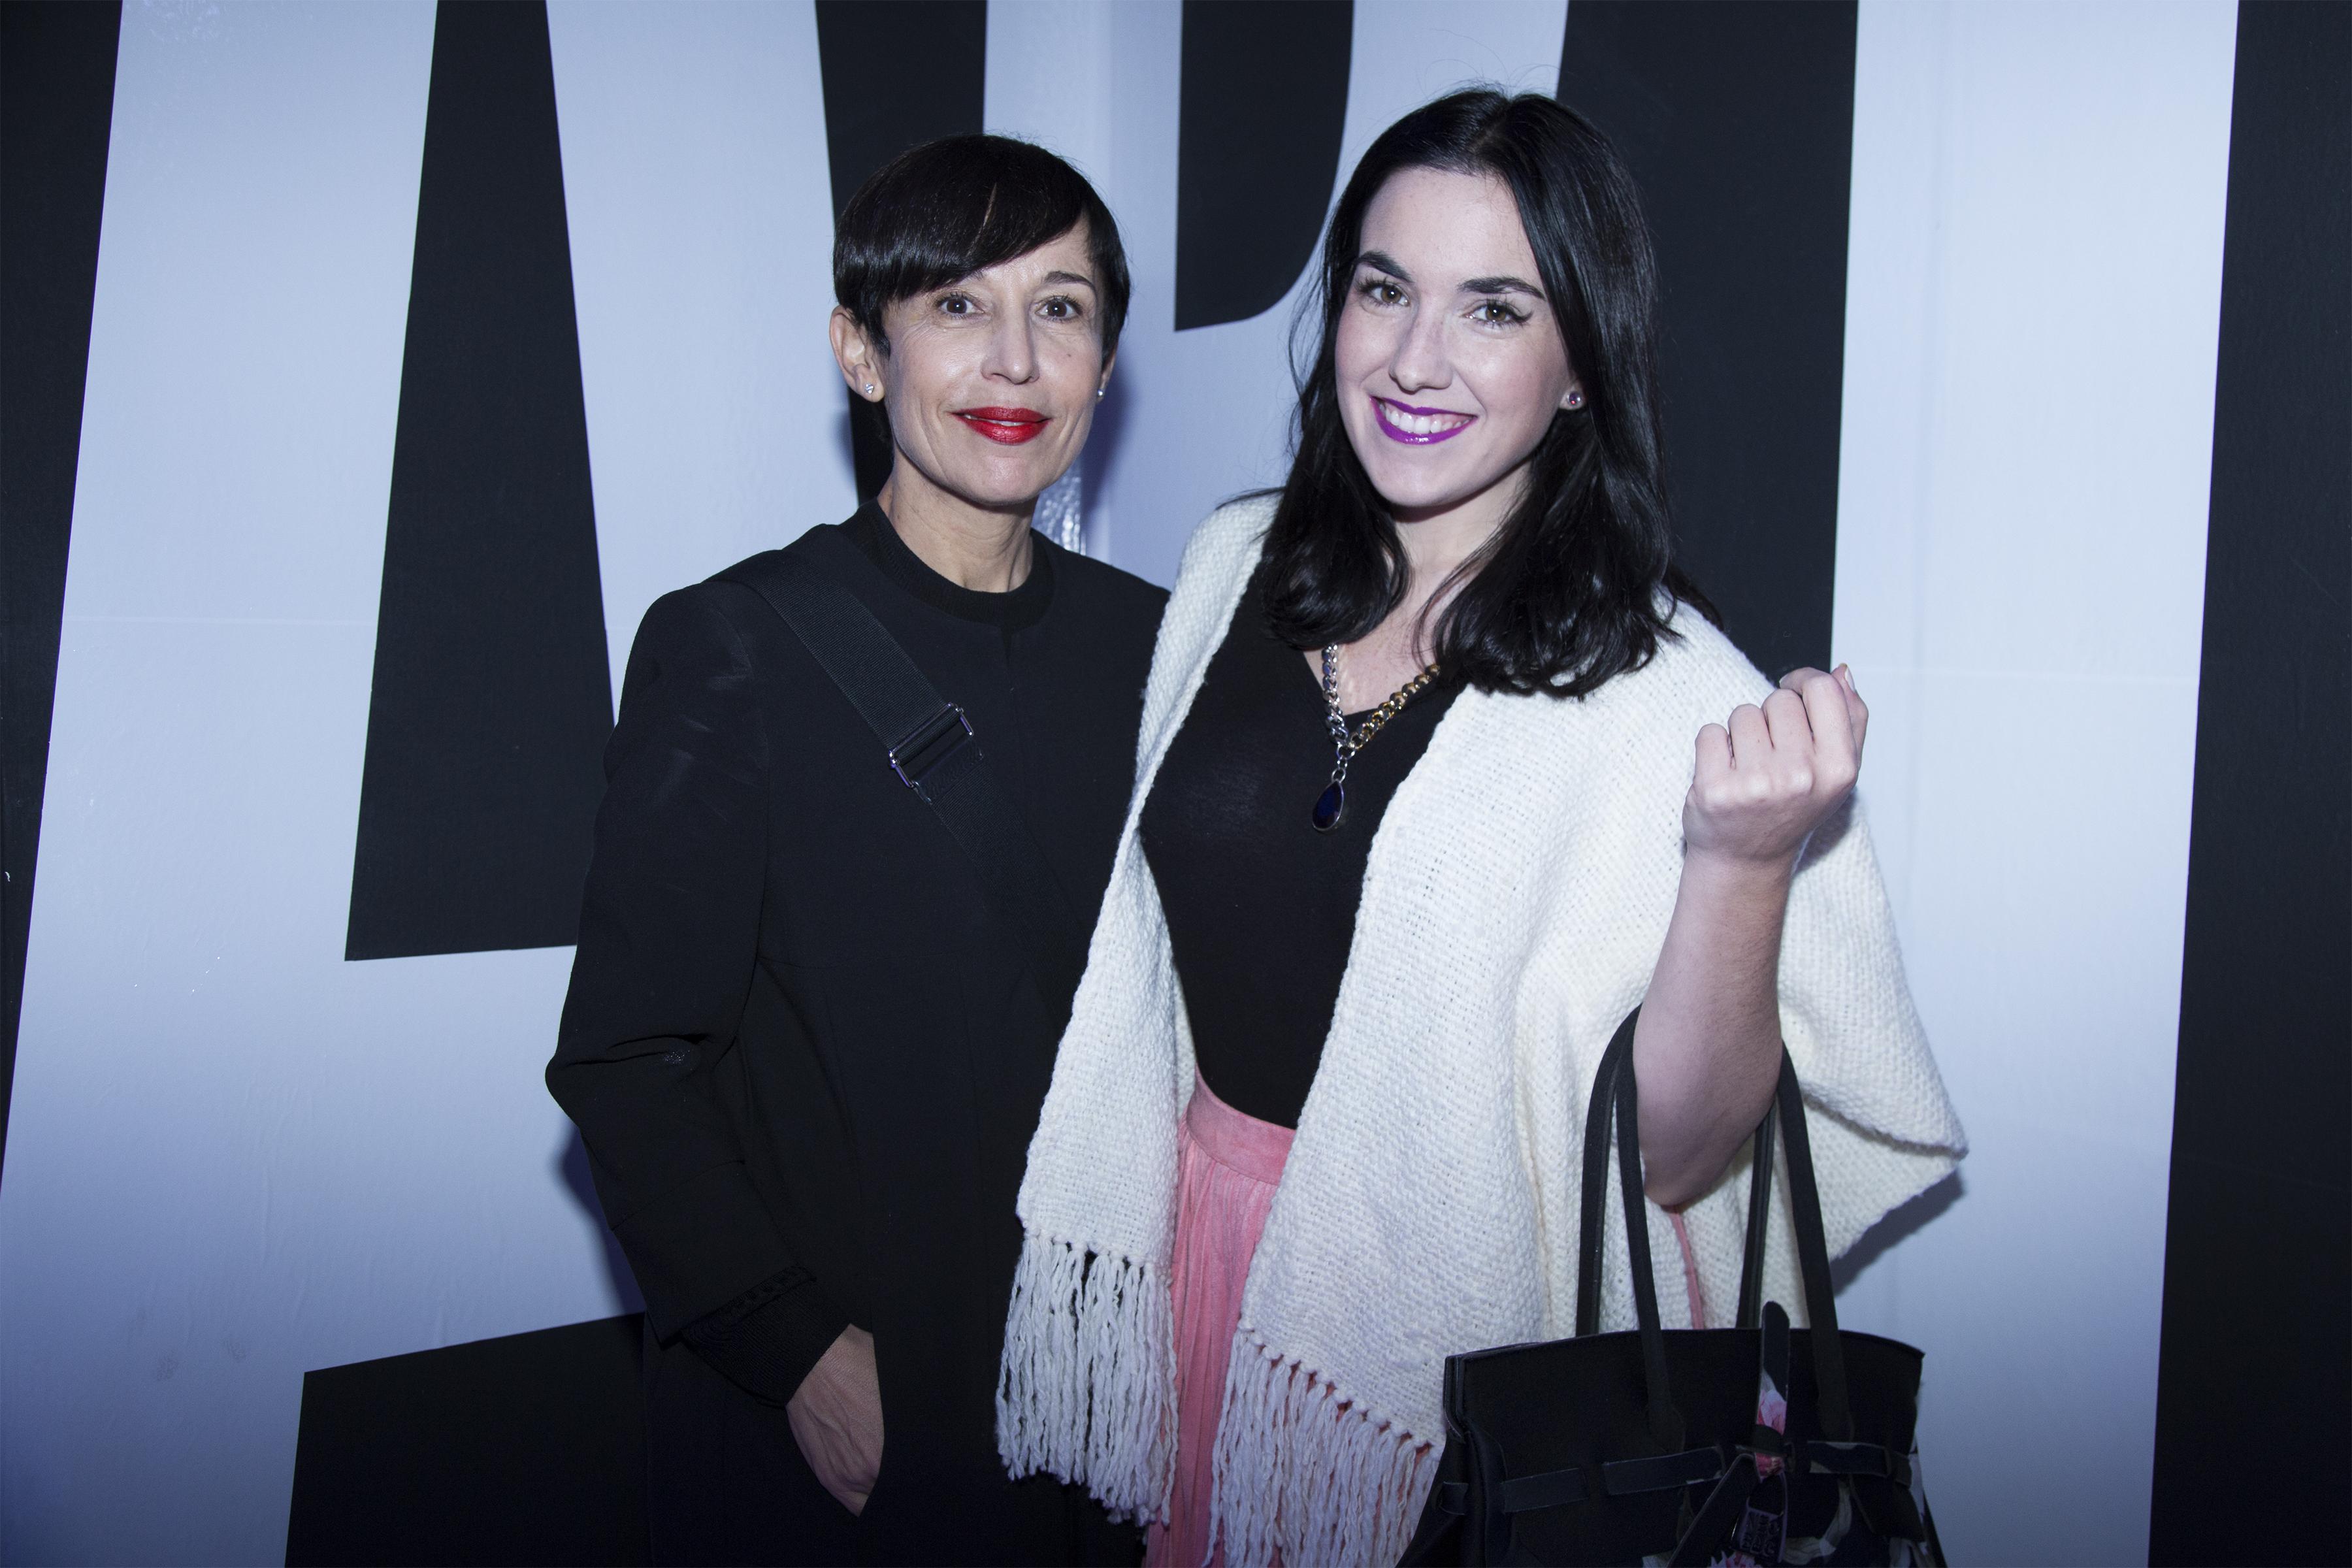 ¡Harper's Bazaar celebra su 5to Aniversario y lo celebramos en arteBA!